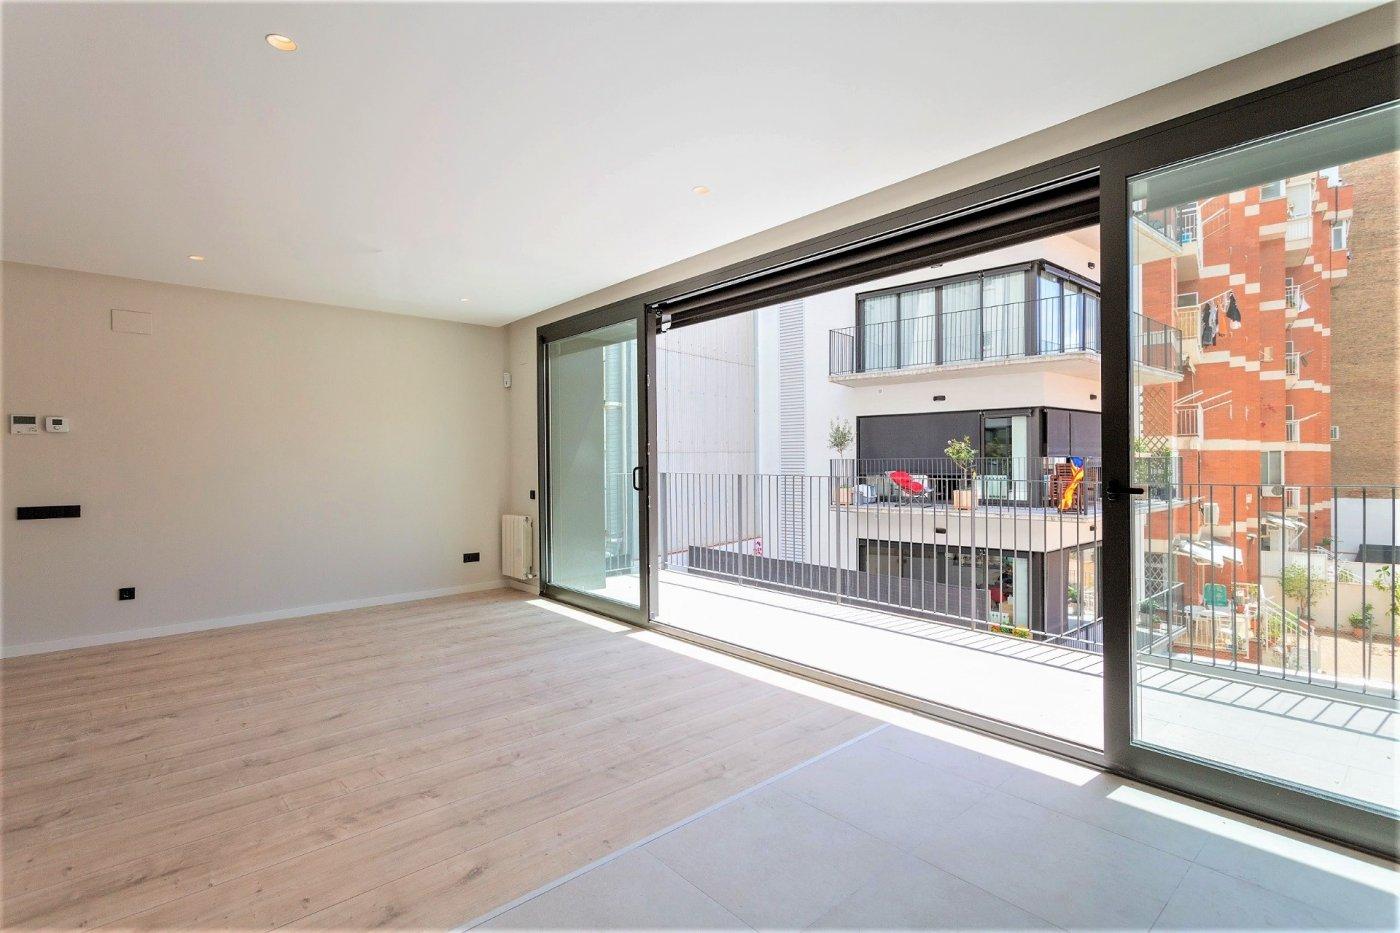 Exclusiva vivienda de obra nueva con solarium privado de 41m2 - imagenInmueble0